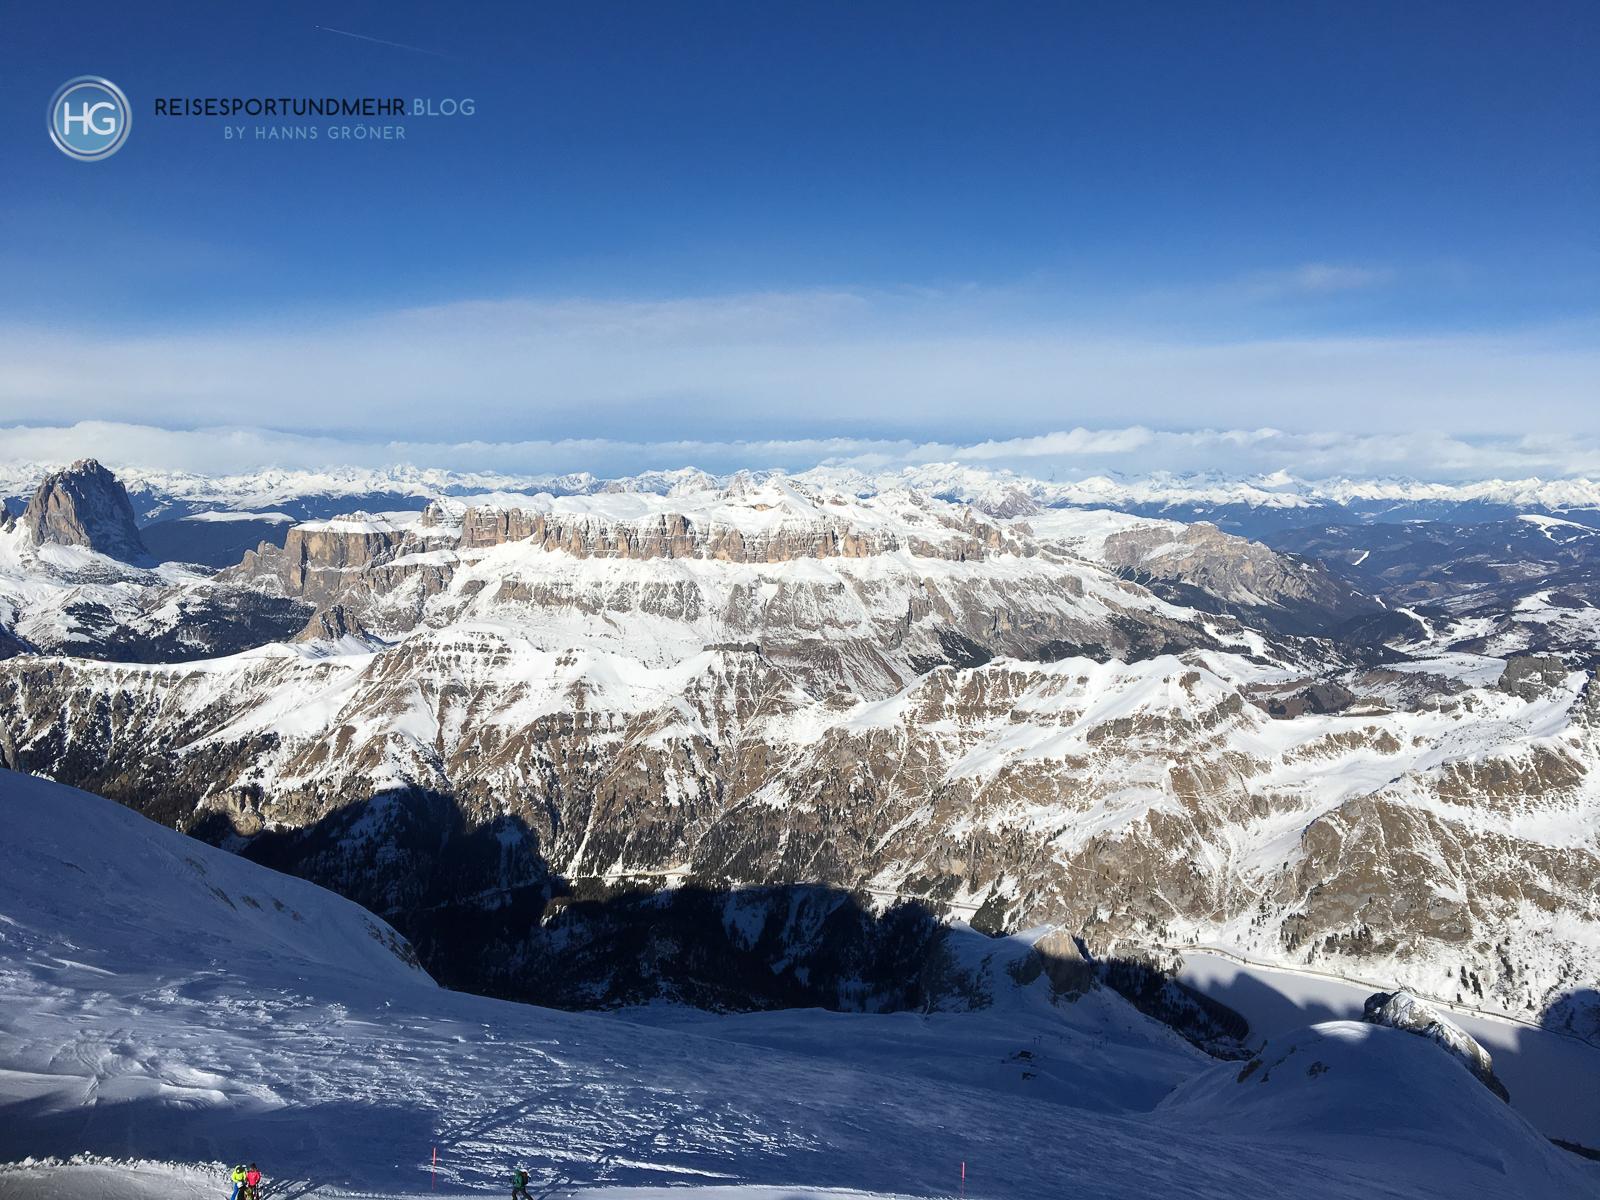 Südtirol Dezember 2018 - Blick von der Marmolada auf die Sellagruppe und den Langkofel (Foto: Hanns Gröner)